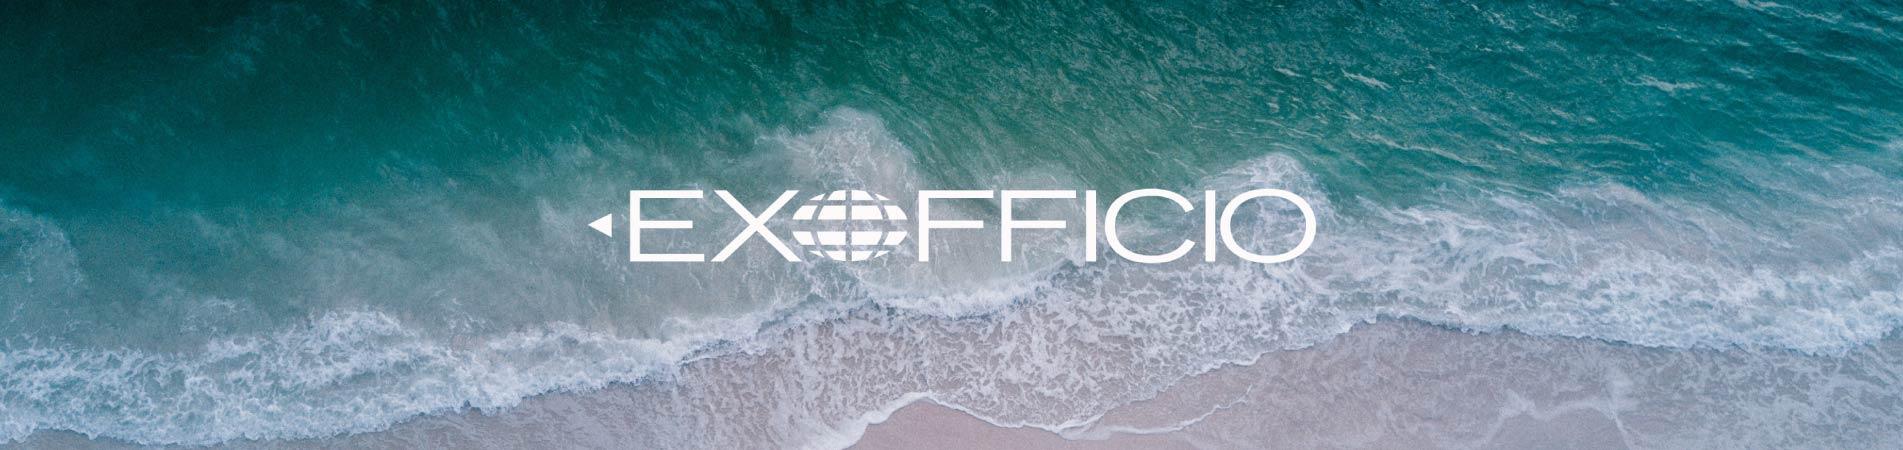 exofficio-brand-banner-v1r0.jpg